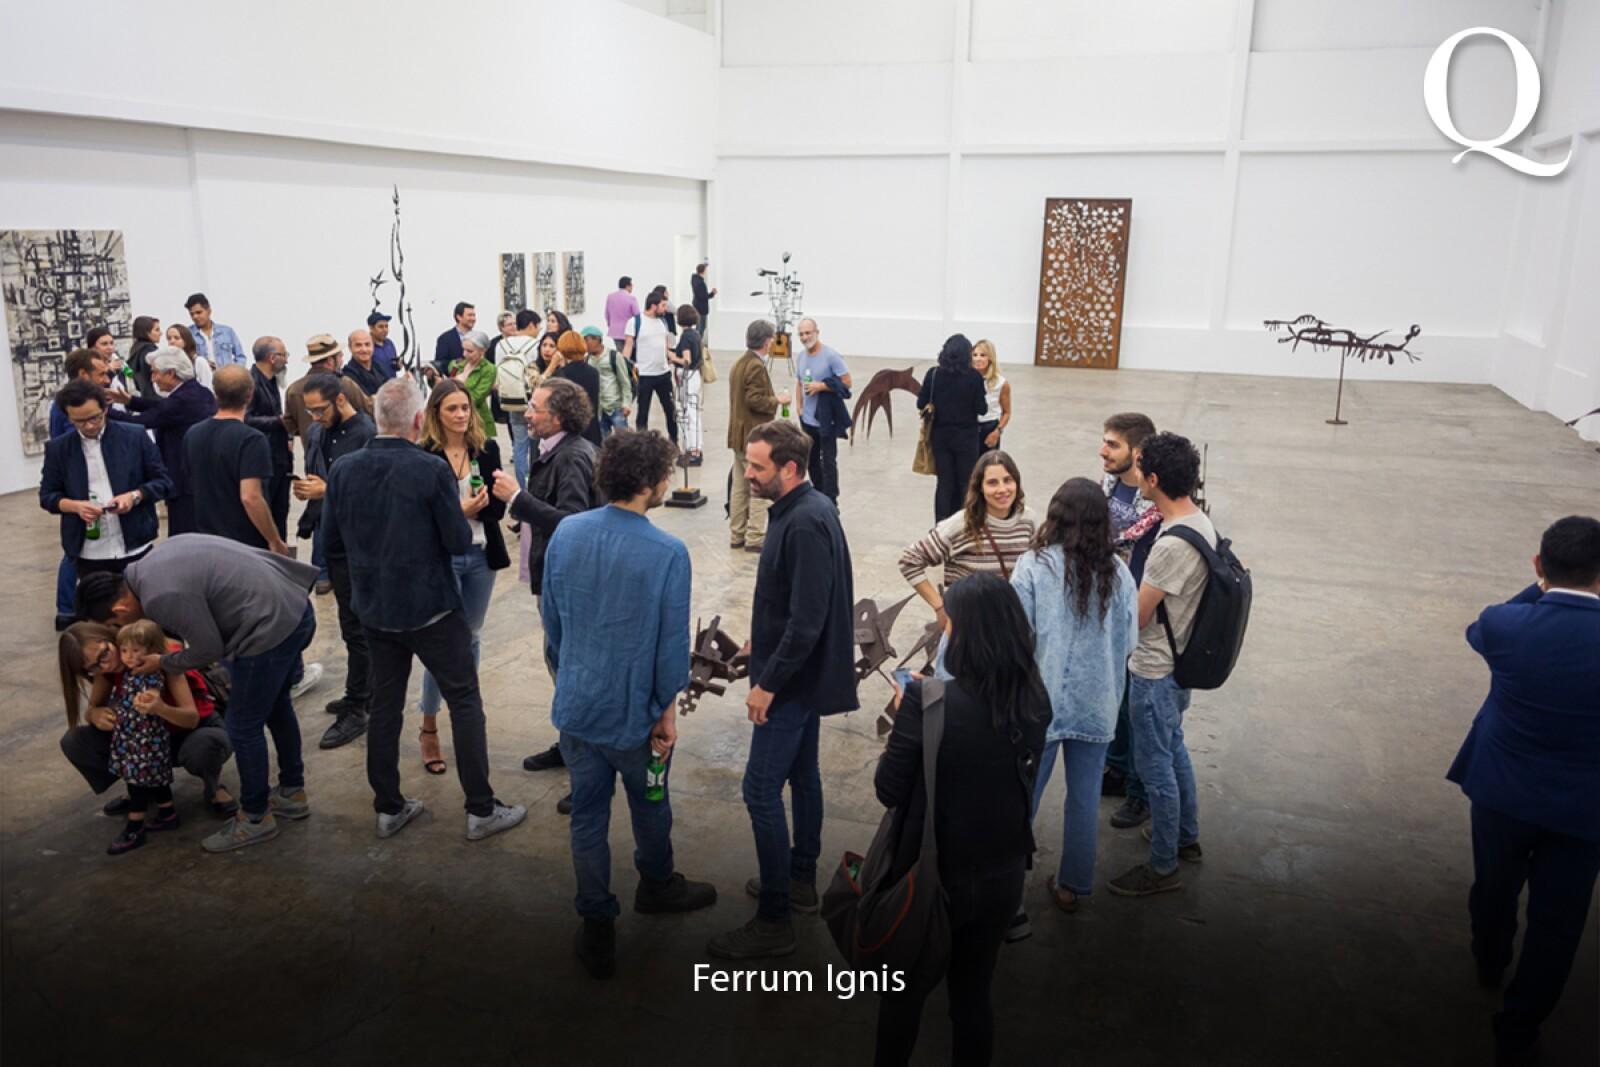 Ferrum Ignis